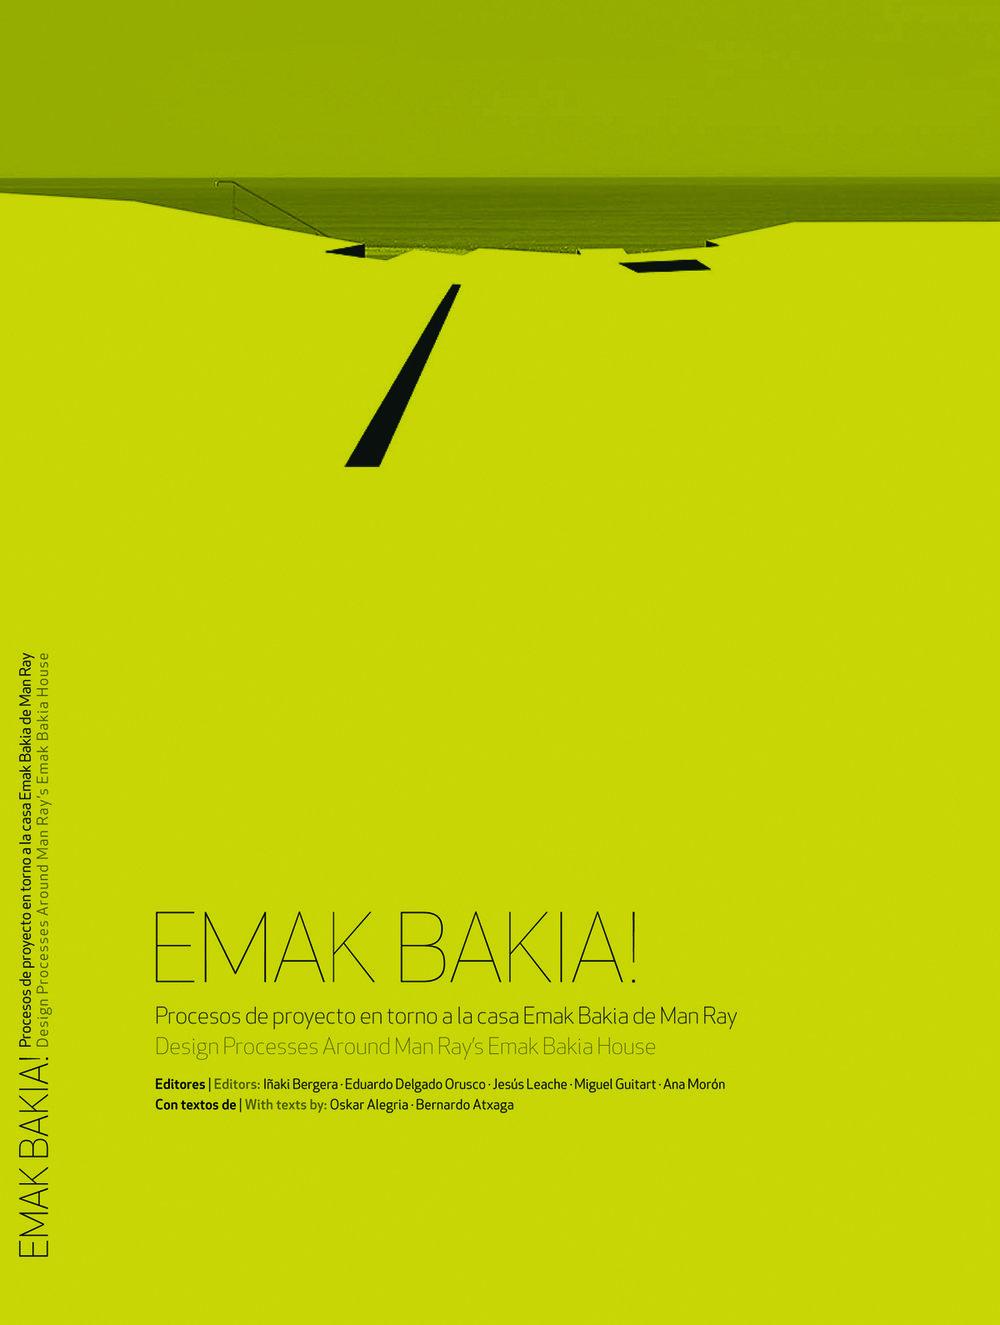 Portada EB 1.jpg